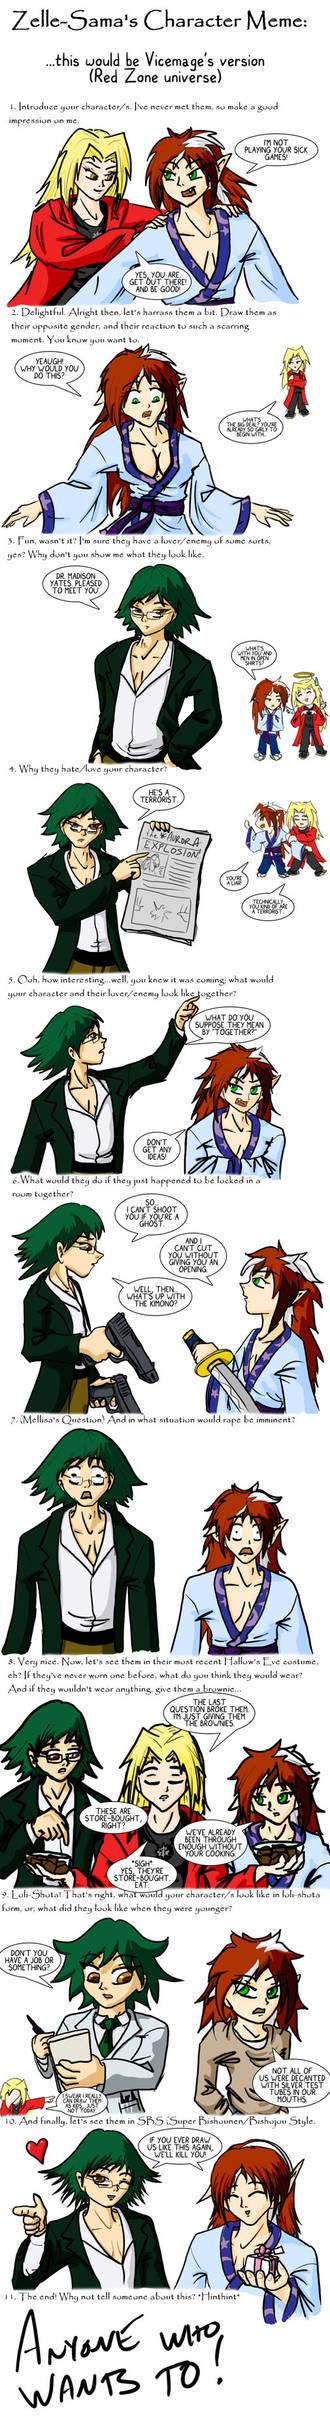 Zelle-Sama's Character Meme